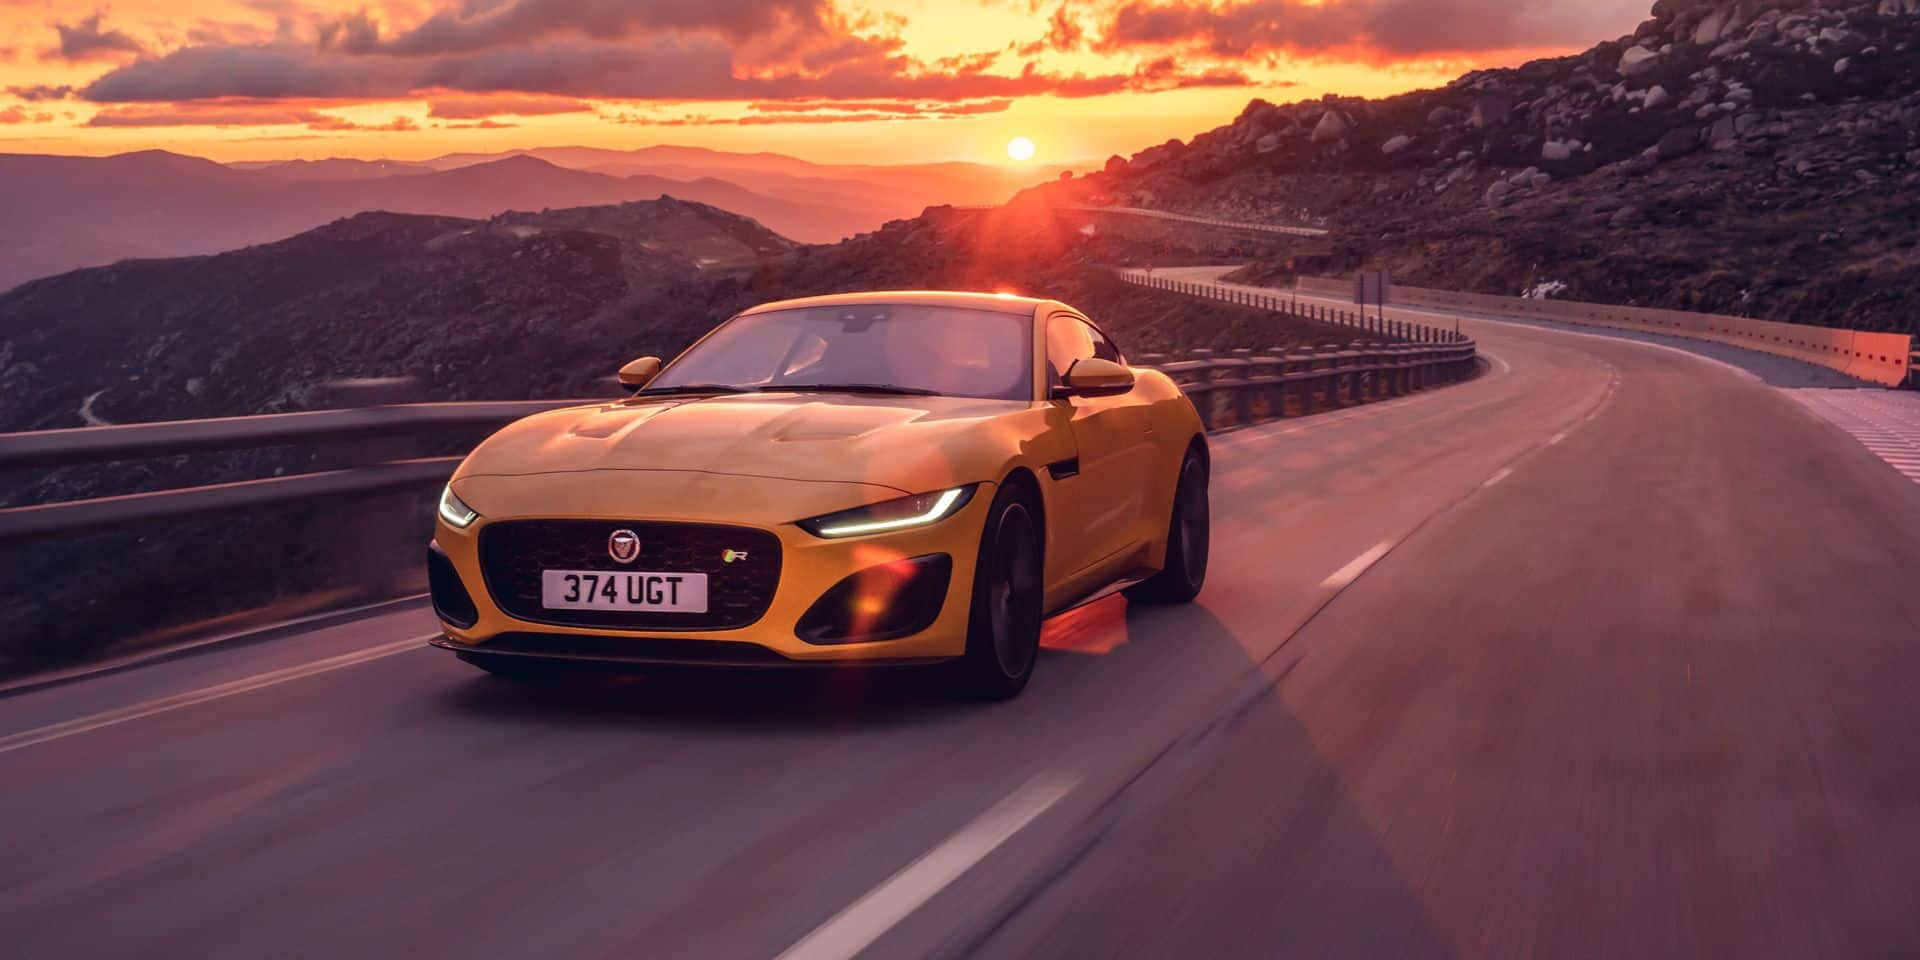 Essai Auto : nouvelle Jaguar F-Type, un régal de bolide